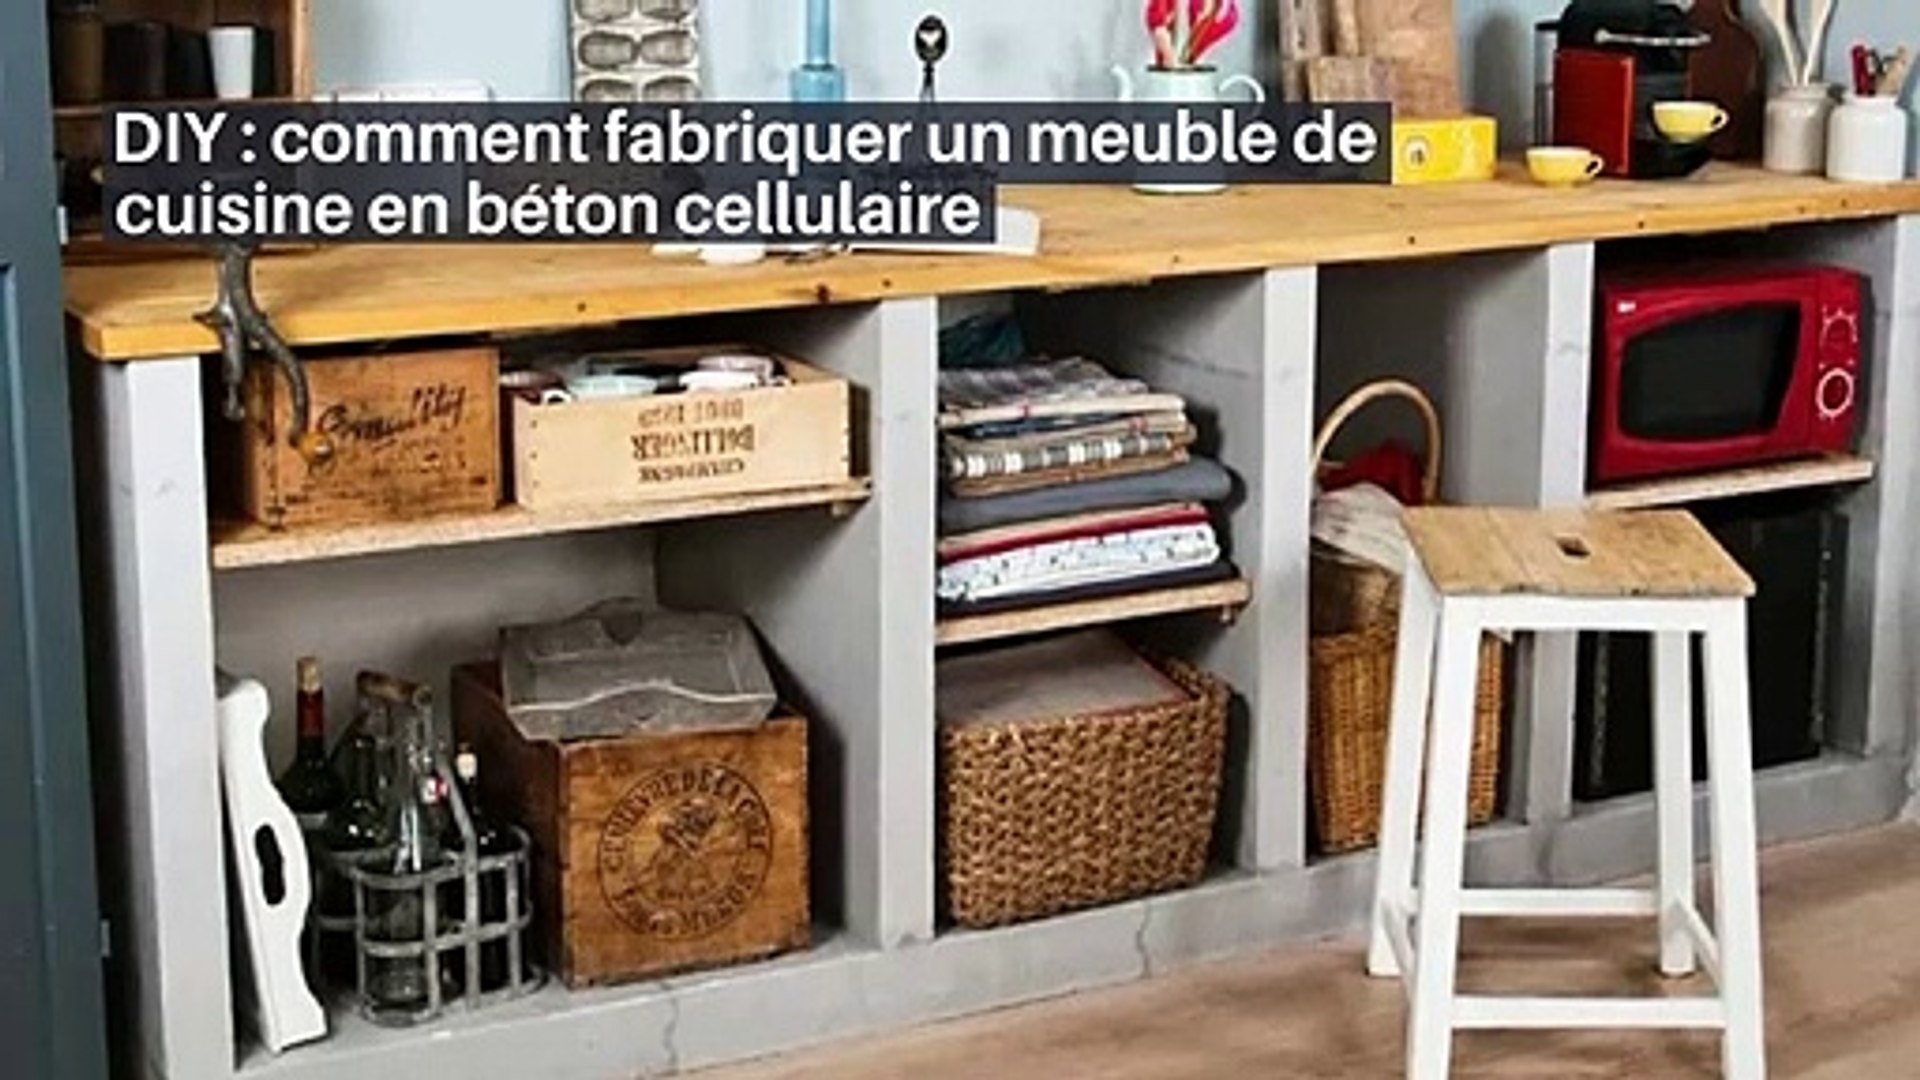 diy comment fabriquer un meuble de cuisine en beton cellulaire in